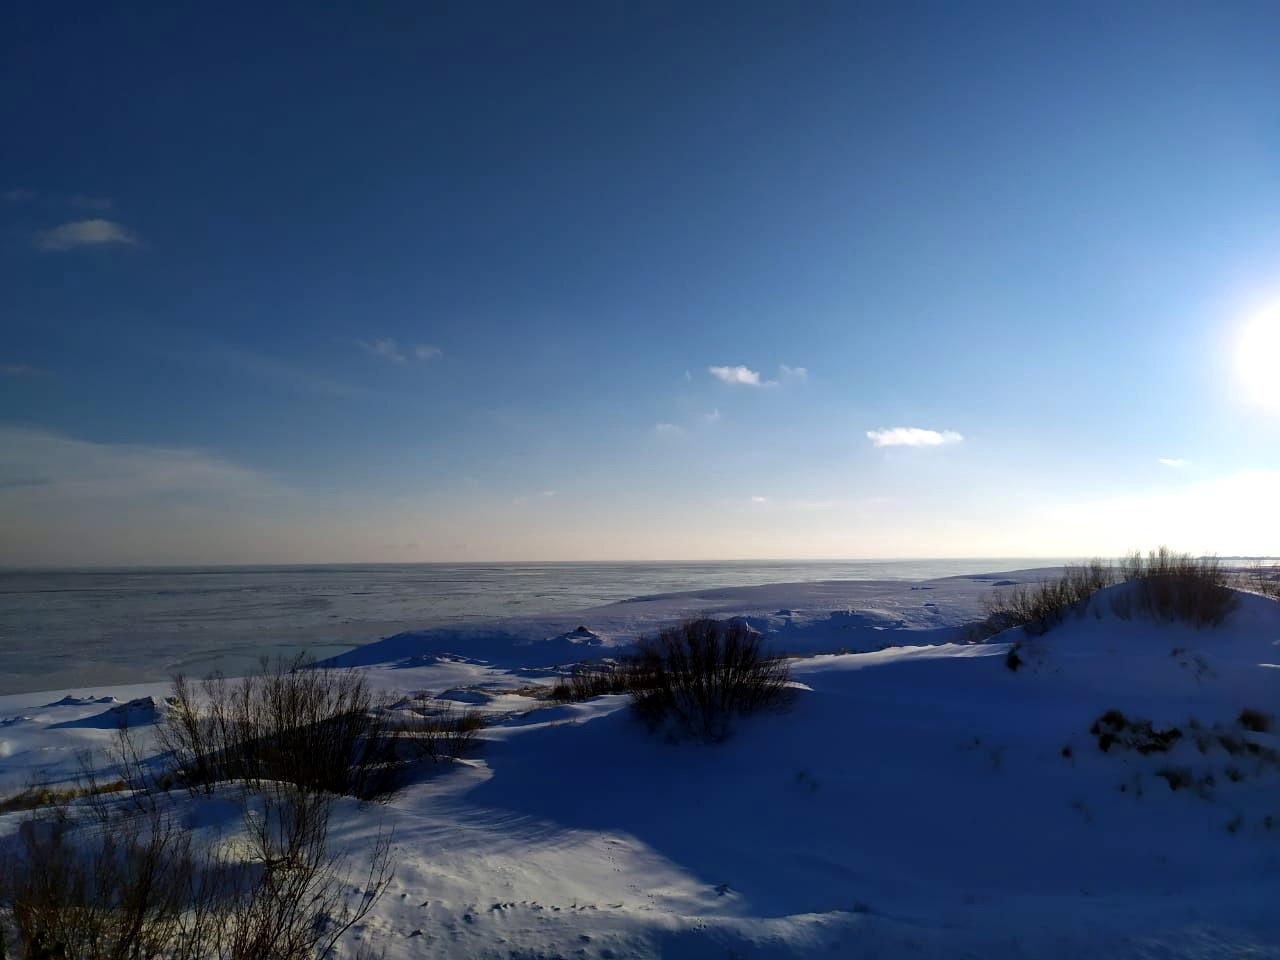 Blick auf die Dünen, das Kurische Haff im Hintergrund